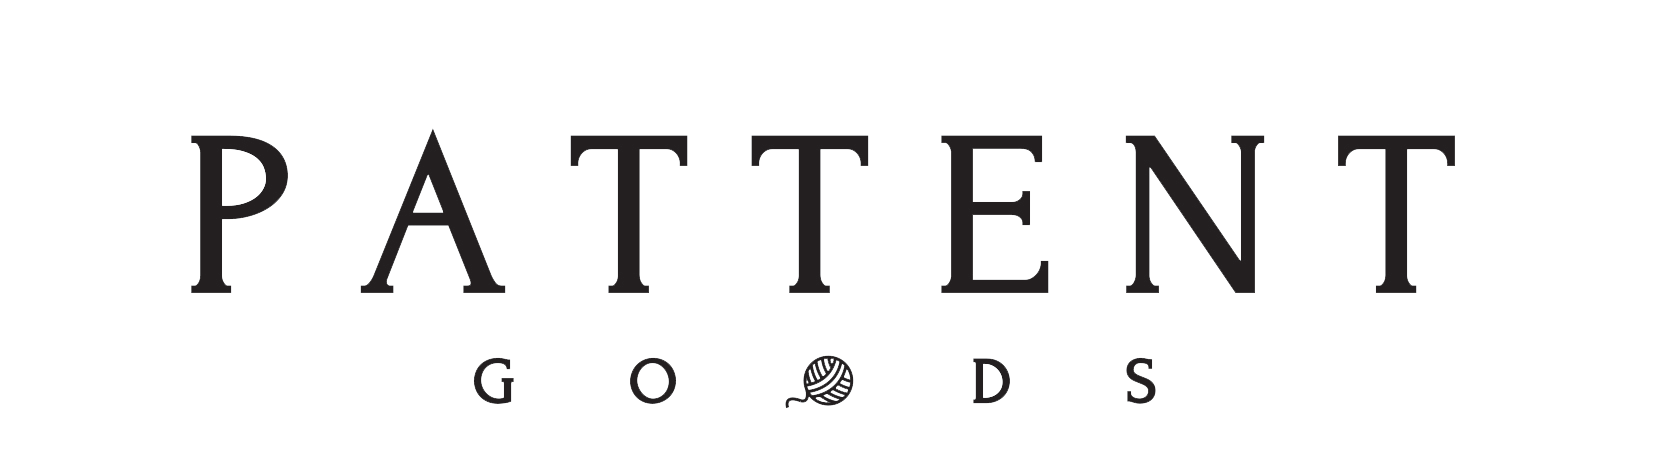 Toko Online Pattent Goods: www.pattentgoods.com